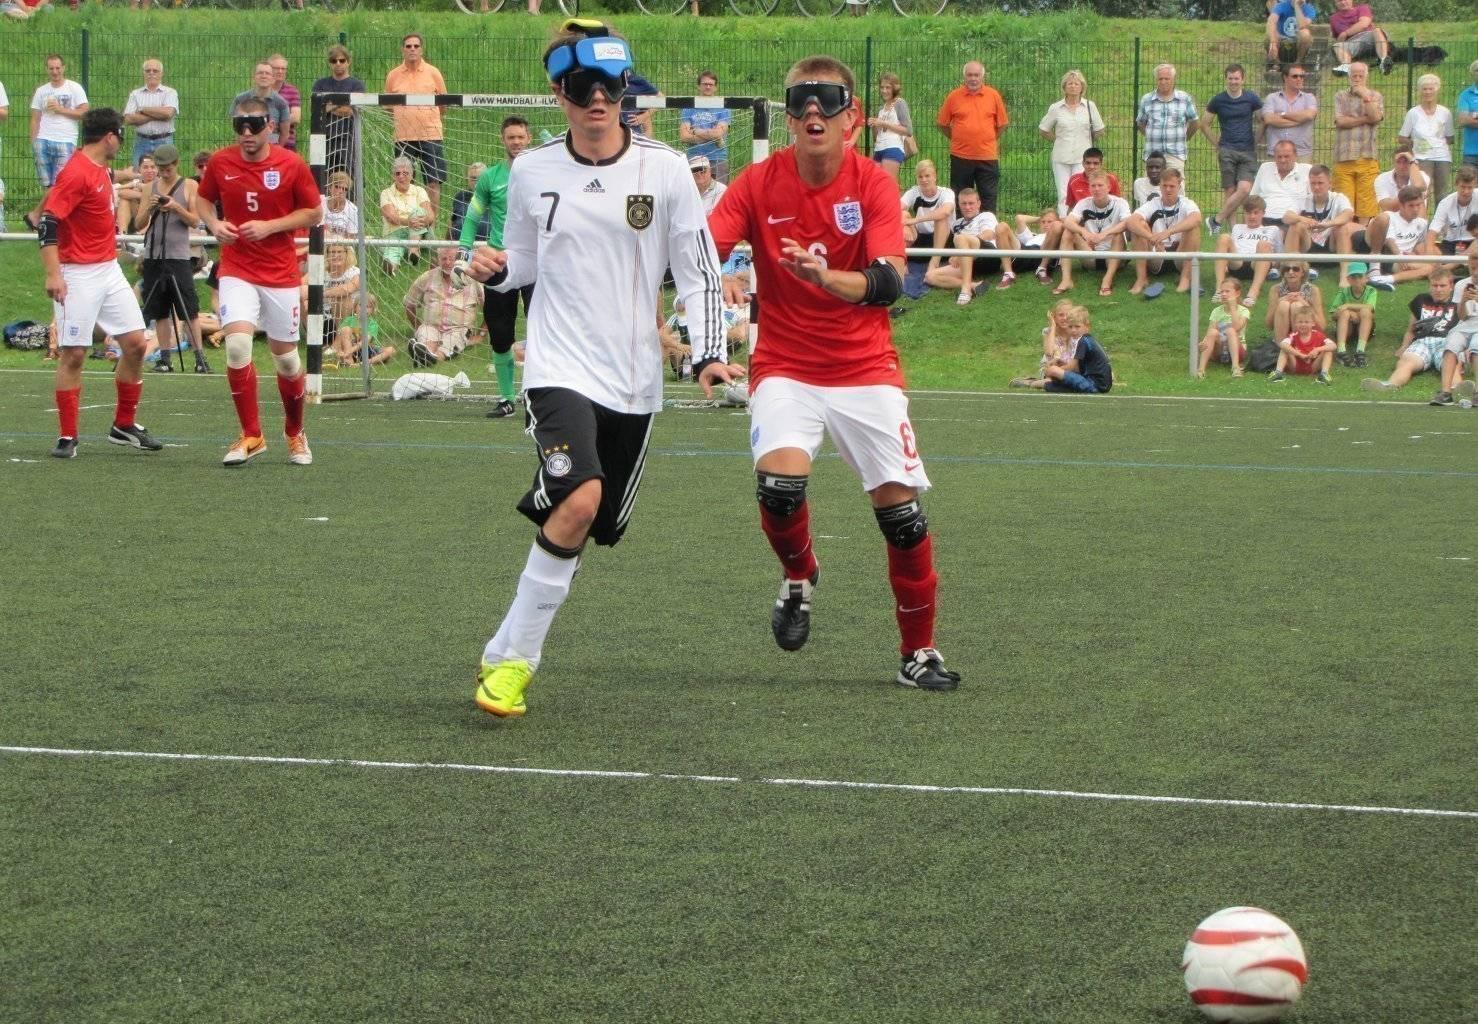 Kuttig im Zweikampf während des Länderspiels gegen England in Ilvesheim | Foto: Julitta Harms